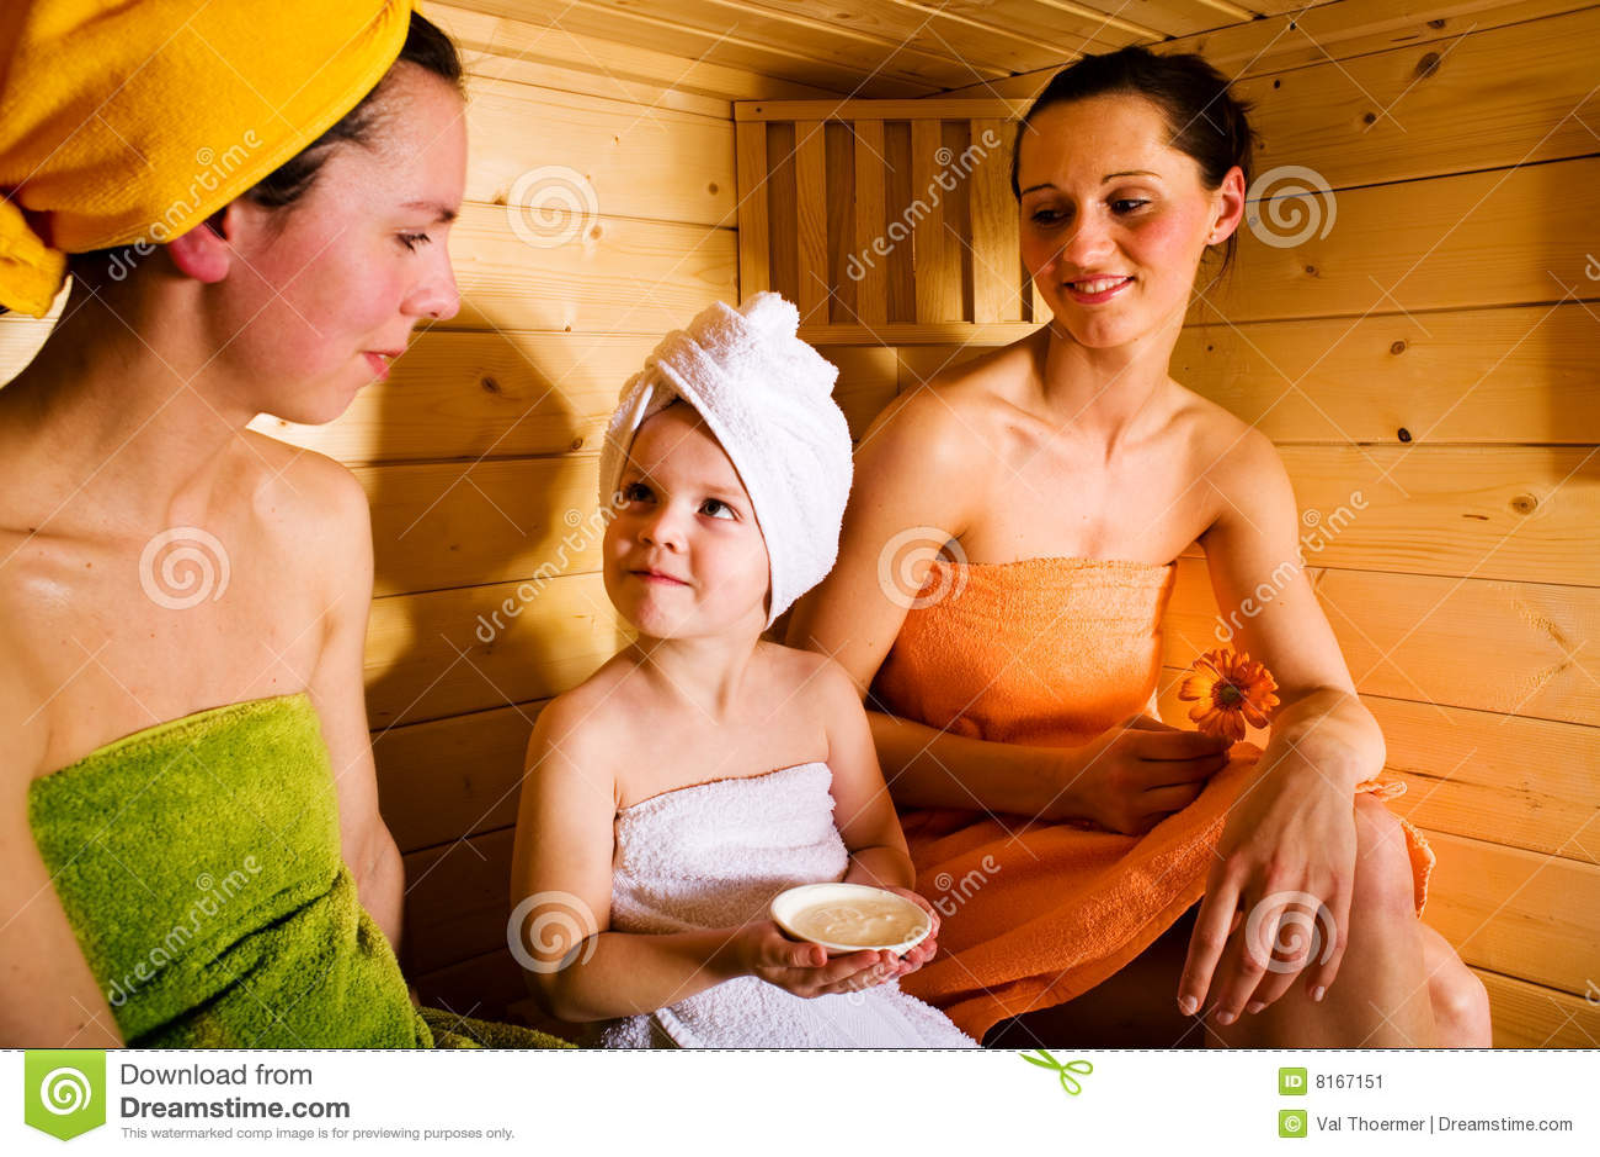 Семьи пошли в бане 16 фотография